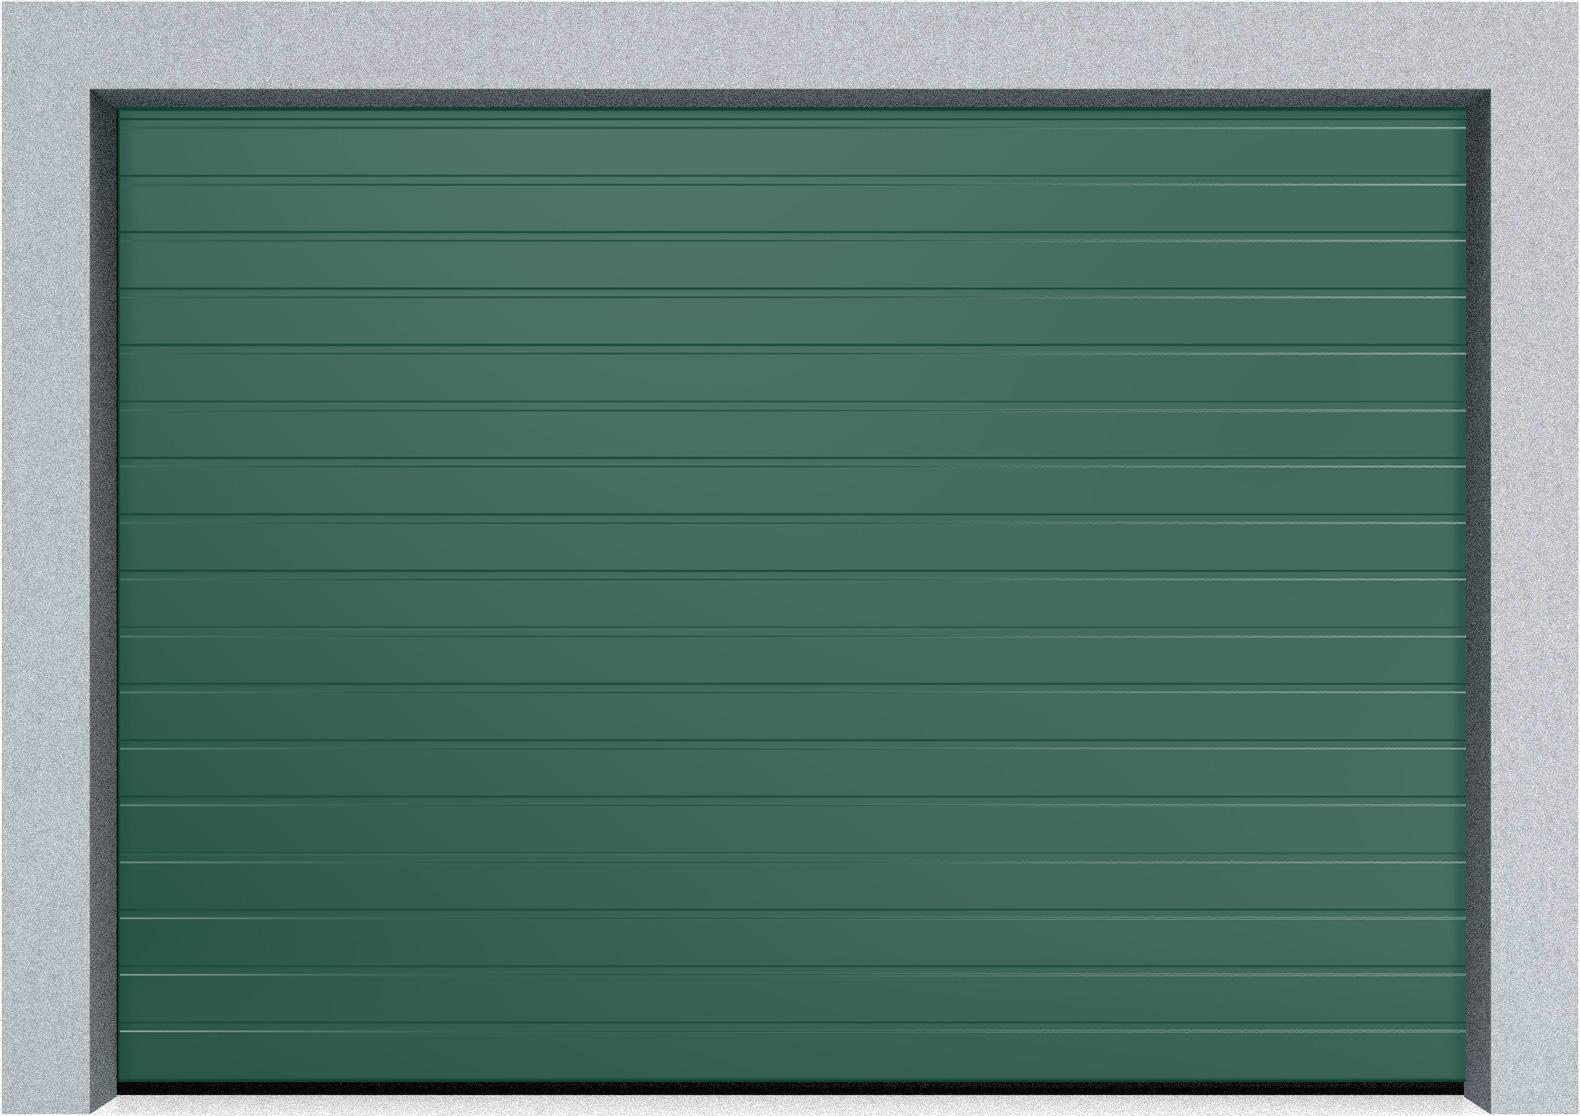 Секционные промышленные ворота Alutech ProTrend 1750х2500 S-гофр, Микроволна стандартные цвета, фото 7